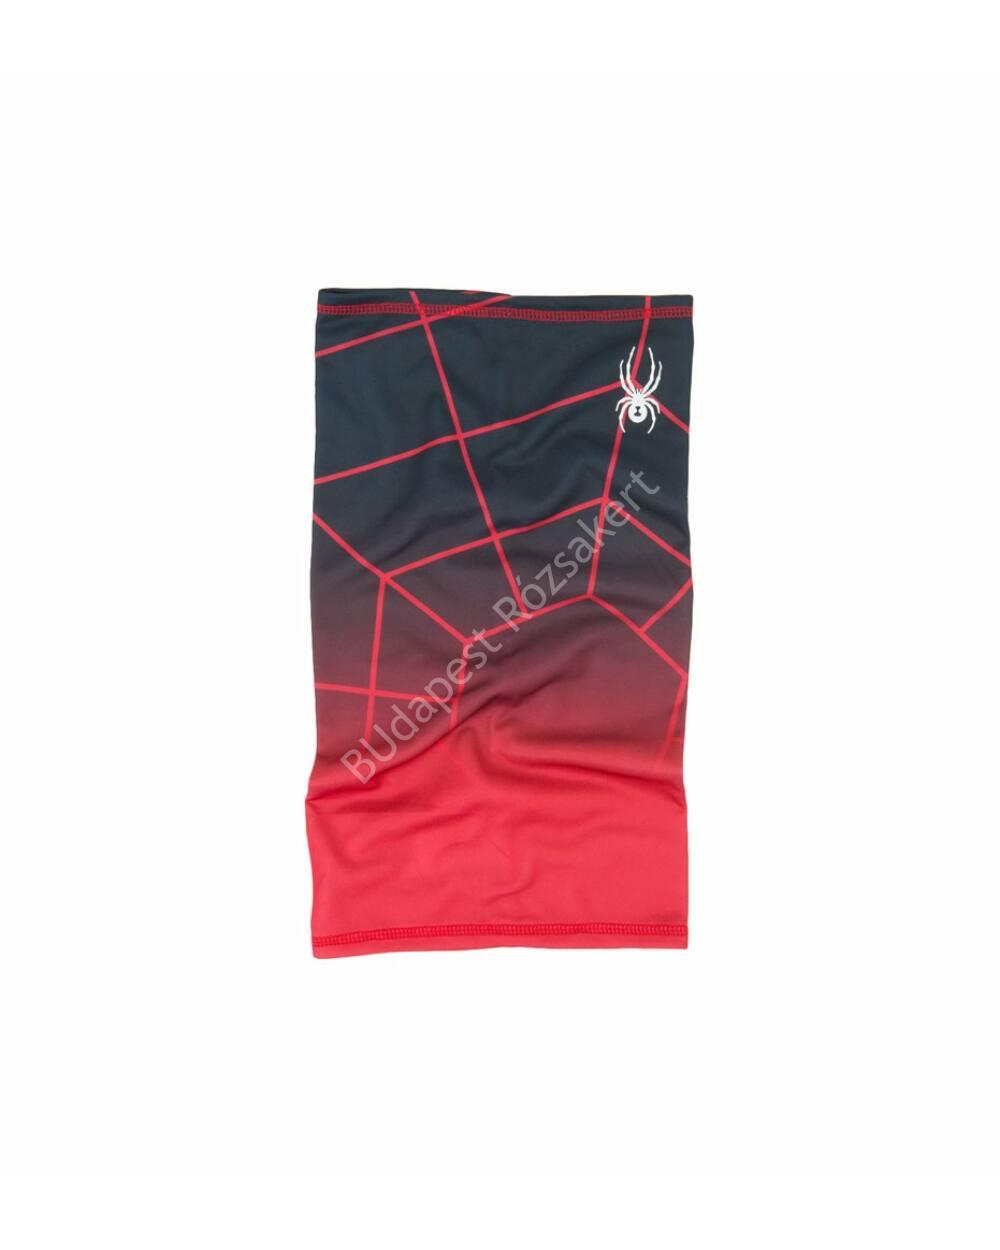 Spyder T-Hot Tube felnőtt csősál, red-black